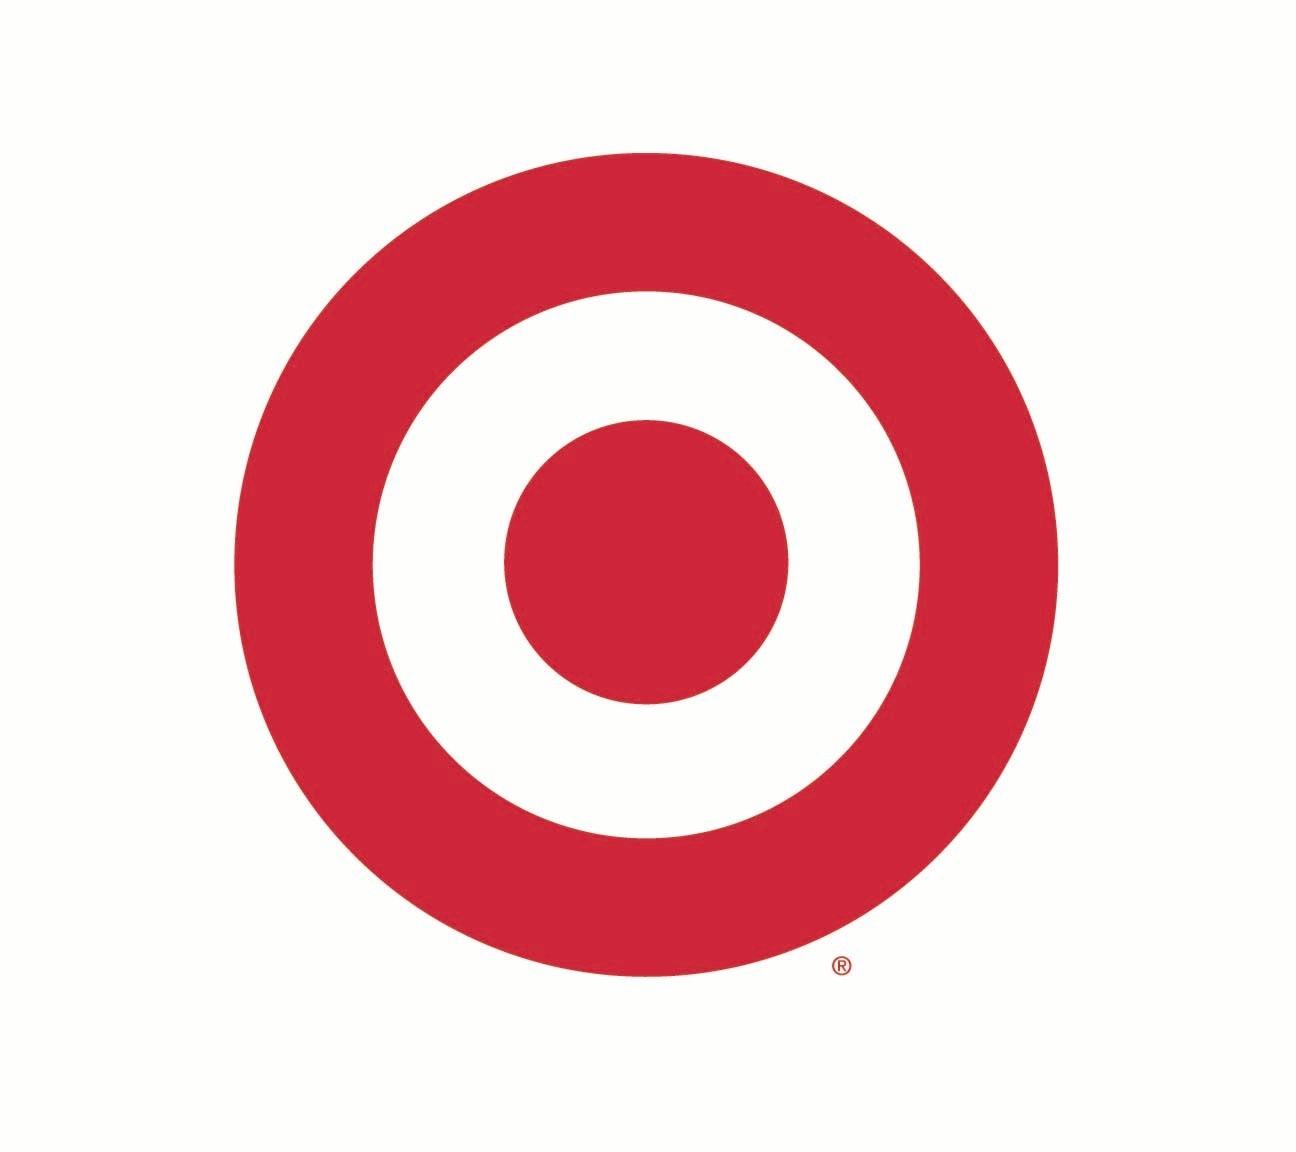 Clipart target bullseye jpg black and white stock Target Bullseye Clipart - Clipart Kid jpg black and white stock